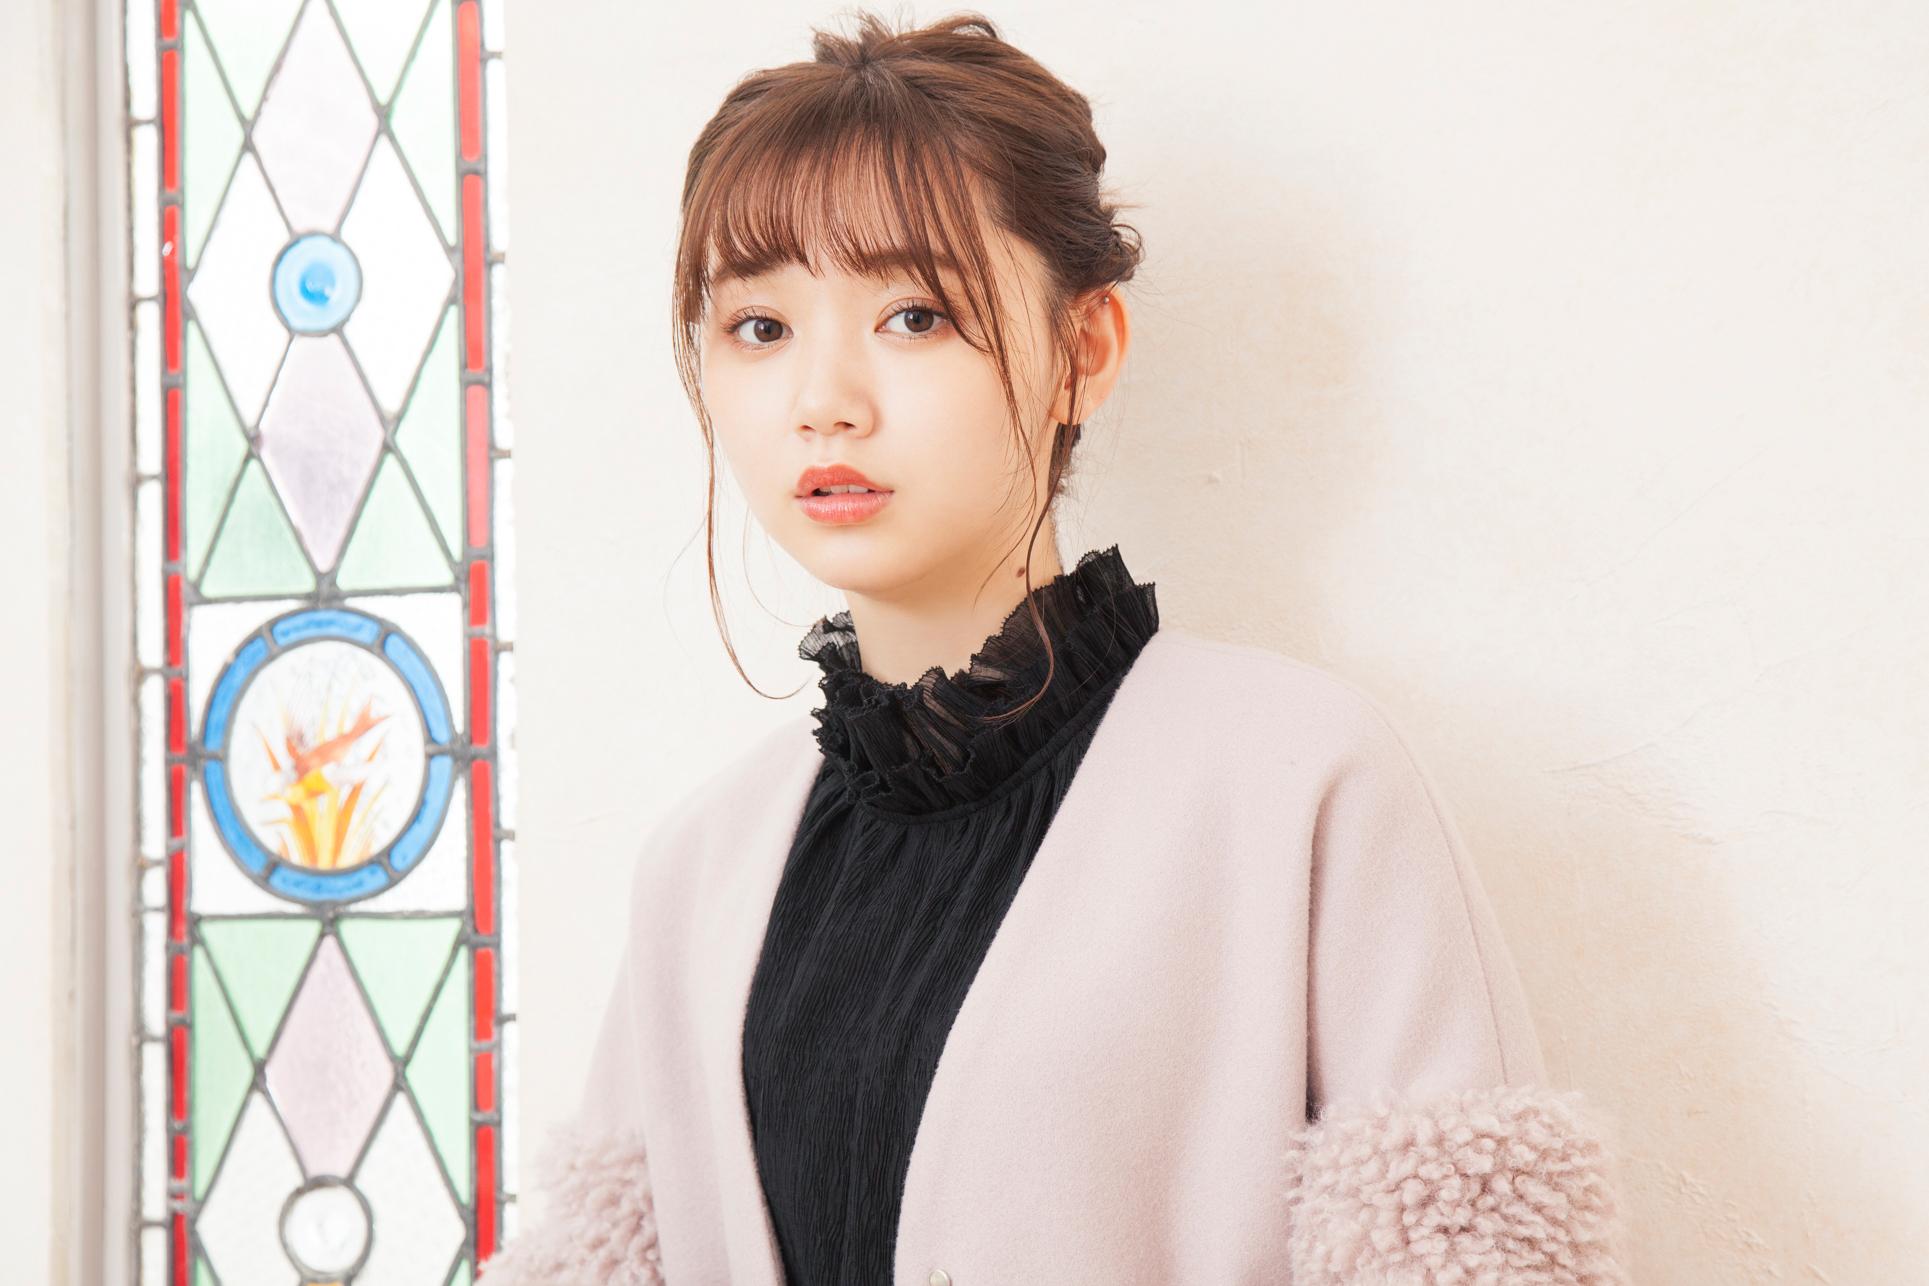 クリスマスデートに♡江野沢愛美が伝授する3つのプラン別コーデとメイクで彼をドキッとさせちゃおう♡